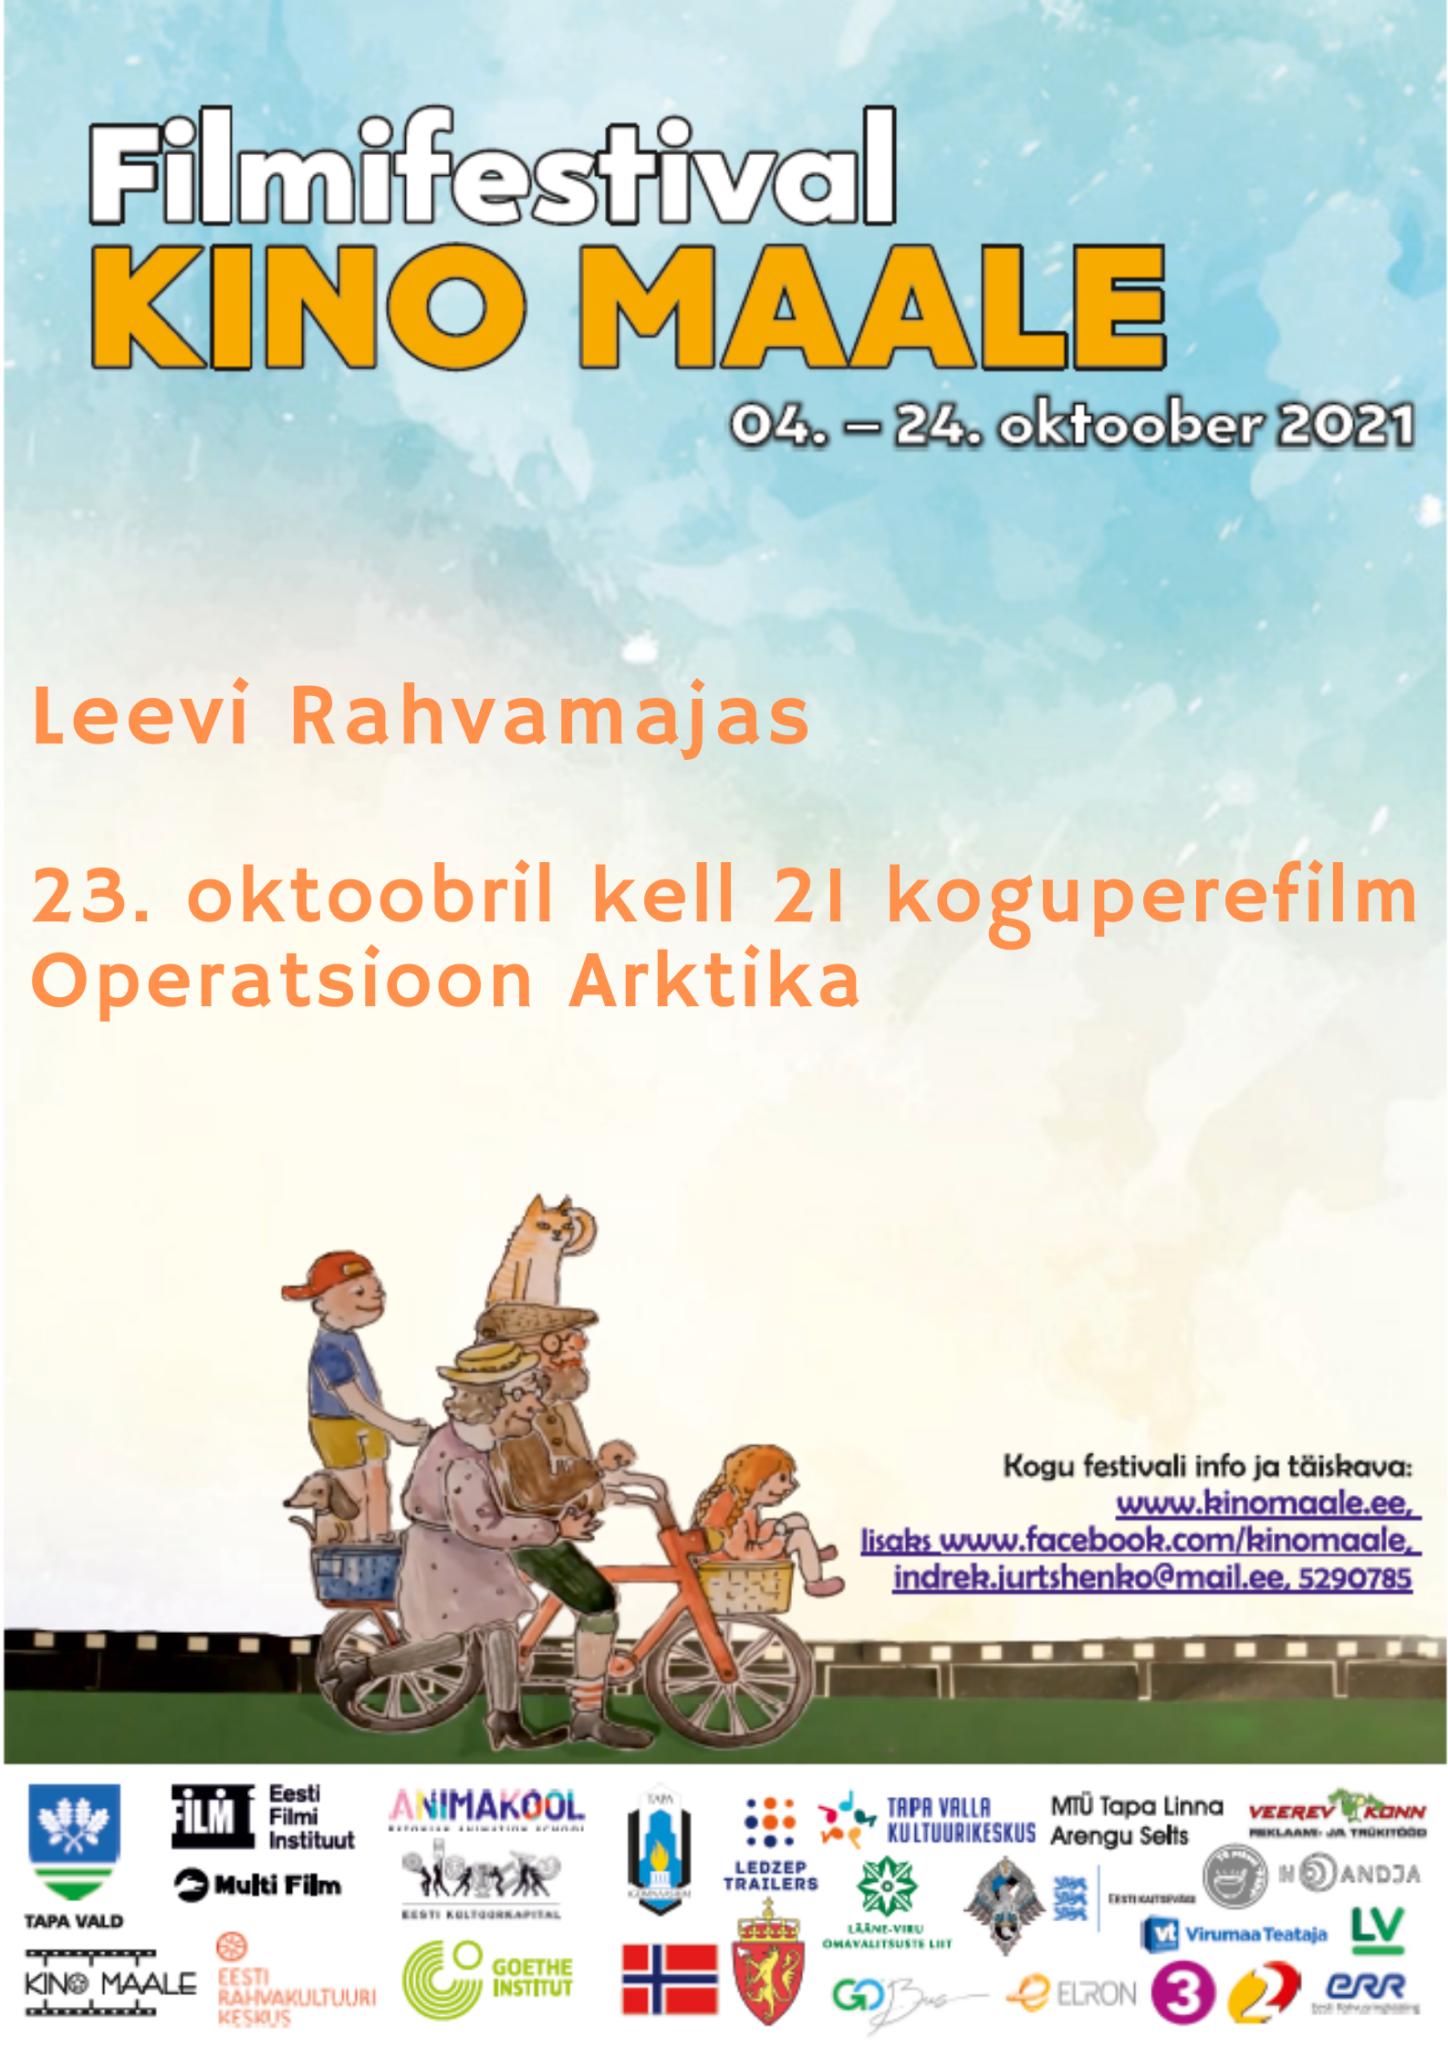 Filmifestival Kino maale: koguperefilm Operatsioon Arktika @ Leevi rahvamaja | Leevi | Põlva maakond | Eesti